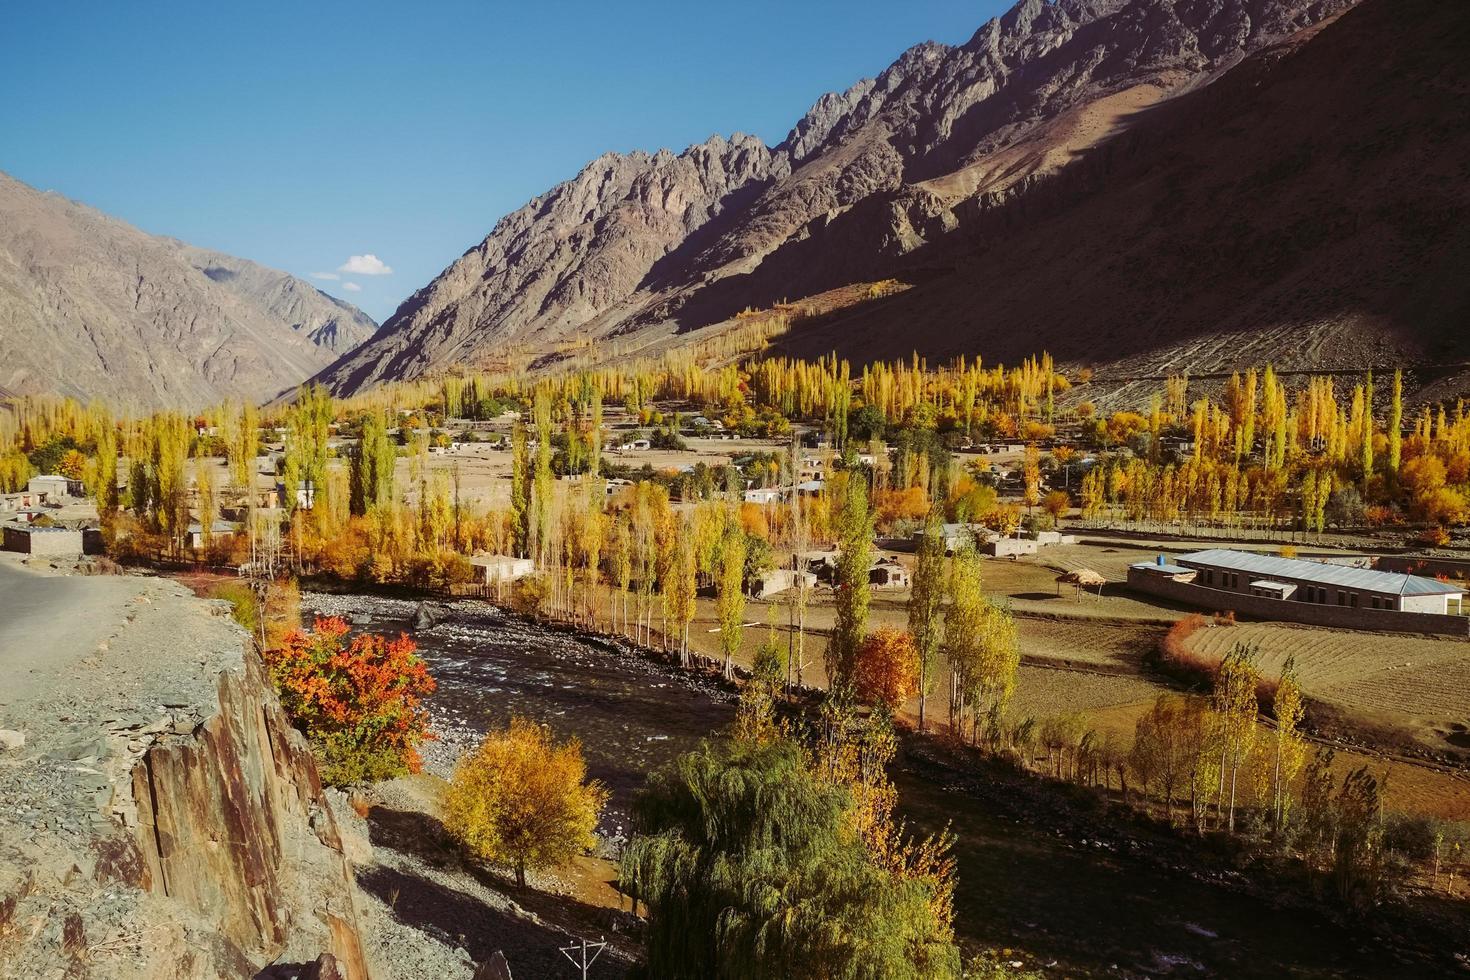 Vue de paysage d'automne dans la vallée de Gupis, au Pakistan photo